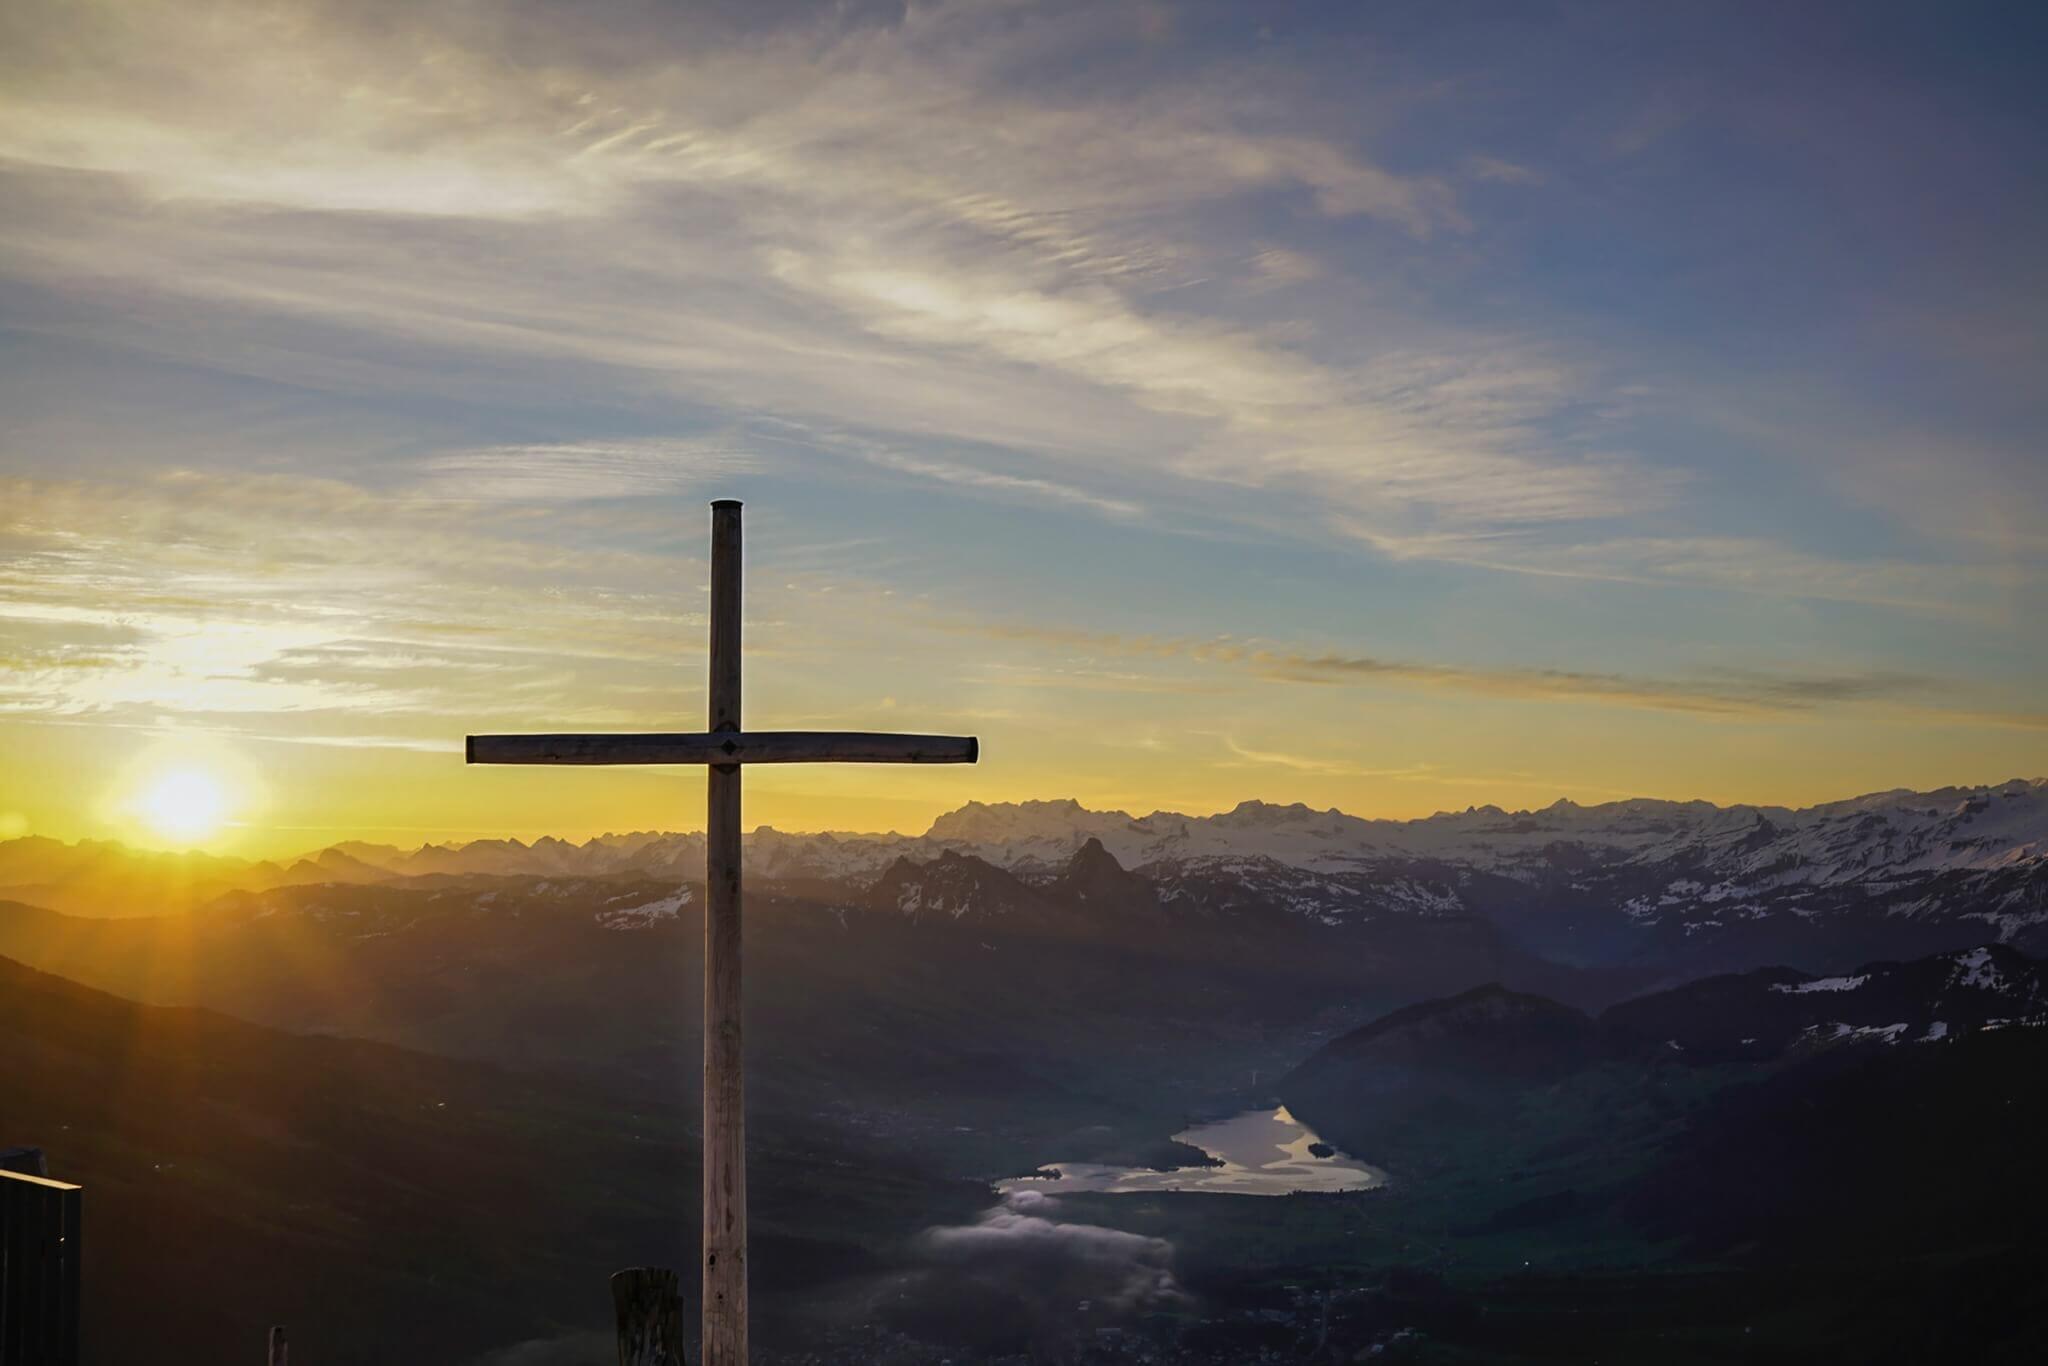 #822 – Remembering Sin No More (Hebrews 8:12)